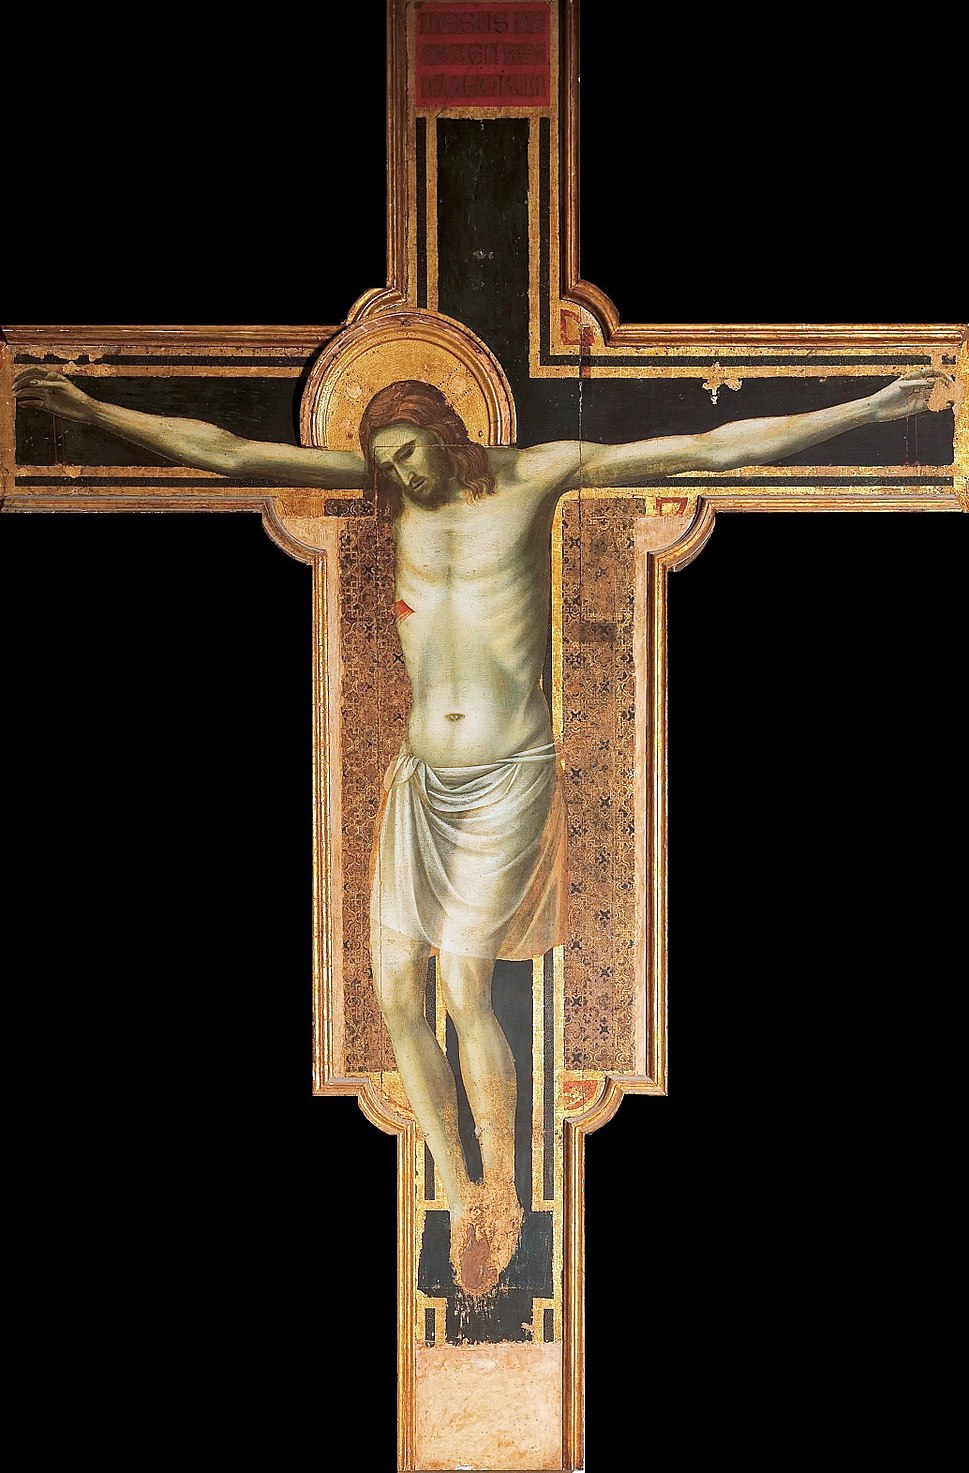 Giotto. the-crucifix-1310-17. 430х303 cm. Rimini, Tempio Malatestiano